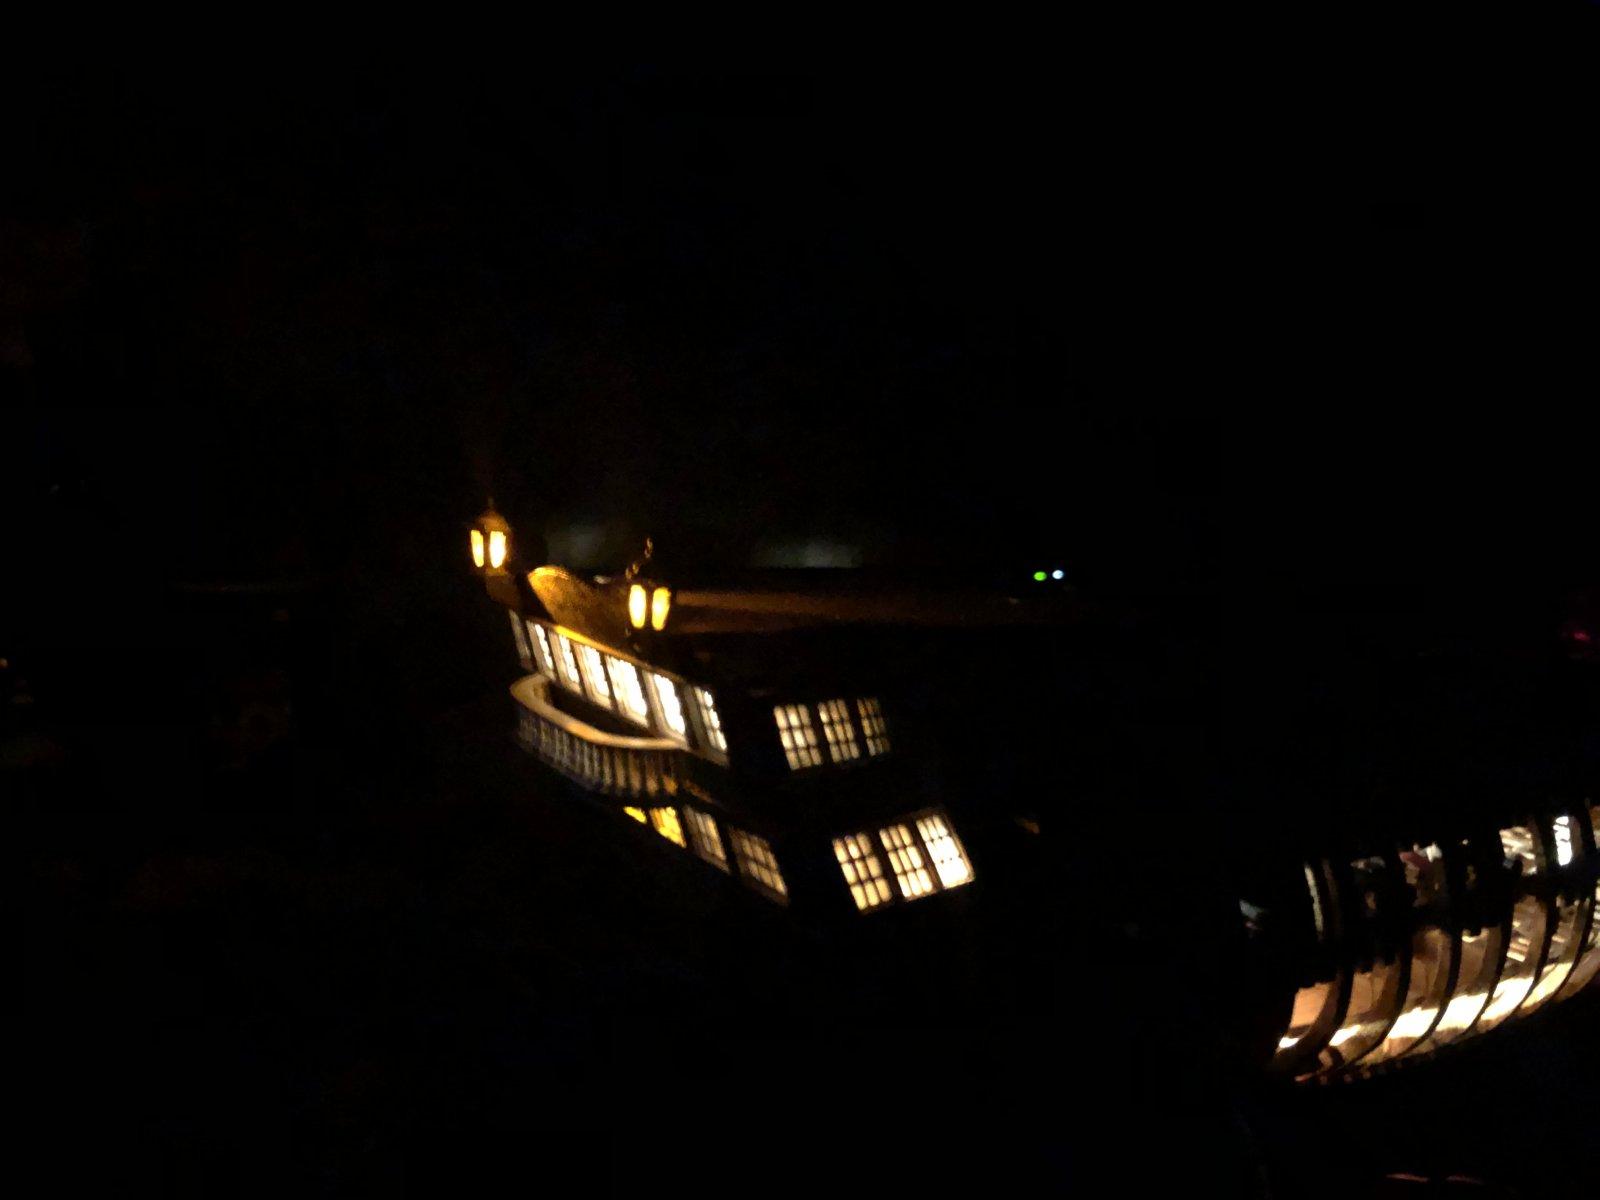 STERN LIGHTS